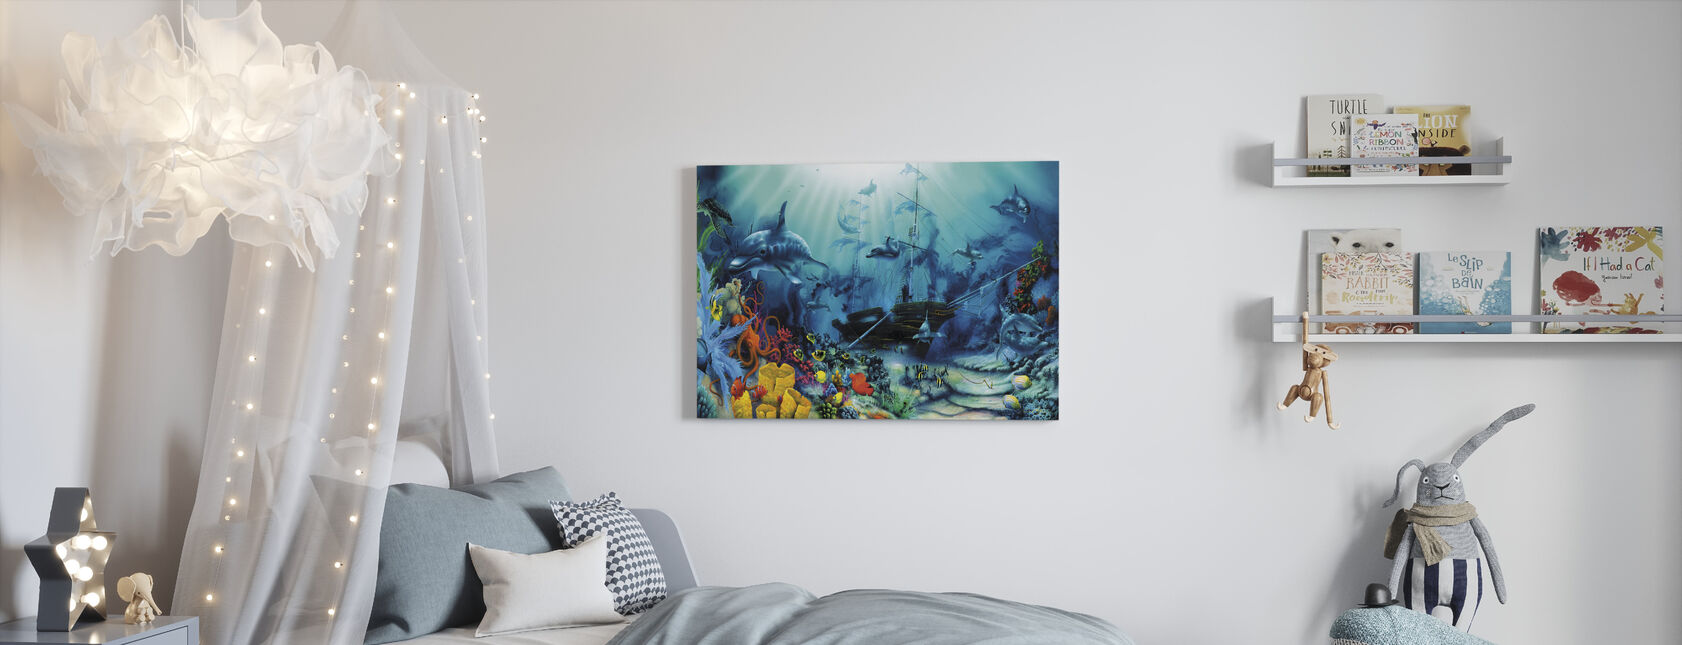 Schatten van de oceaan - Canvas print - Kinderkamer